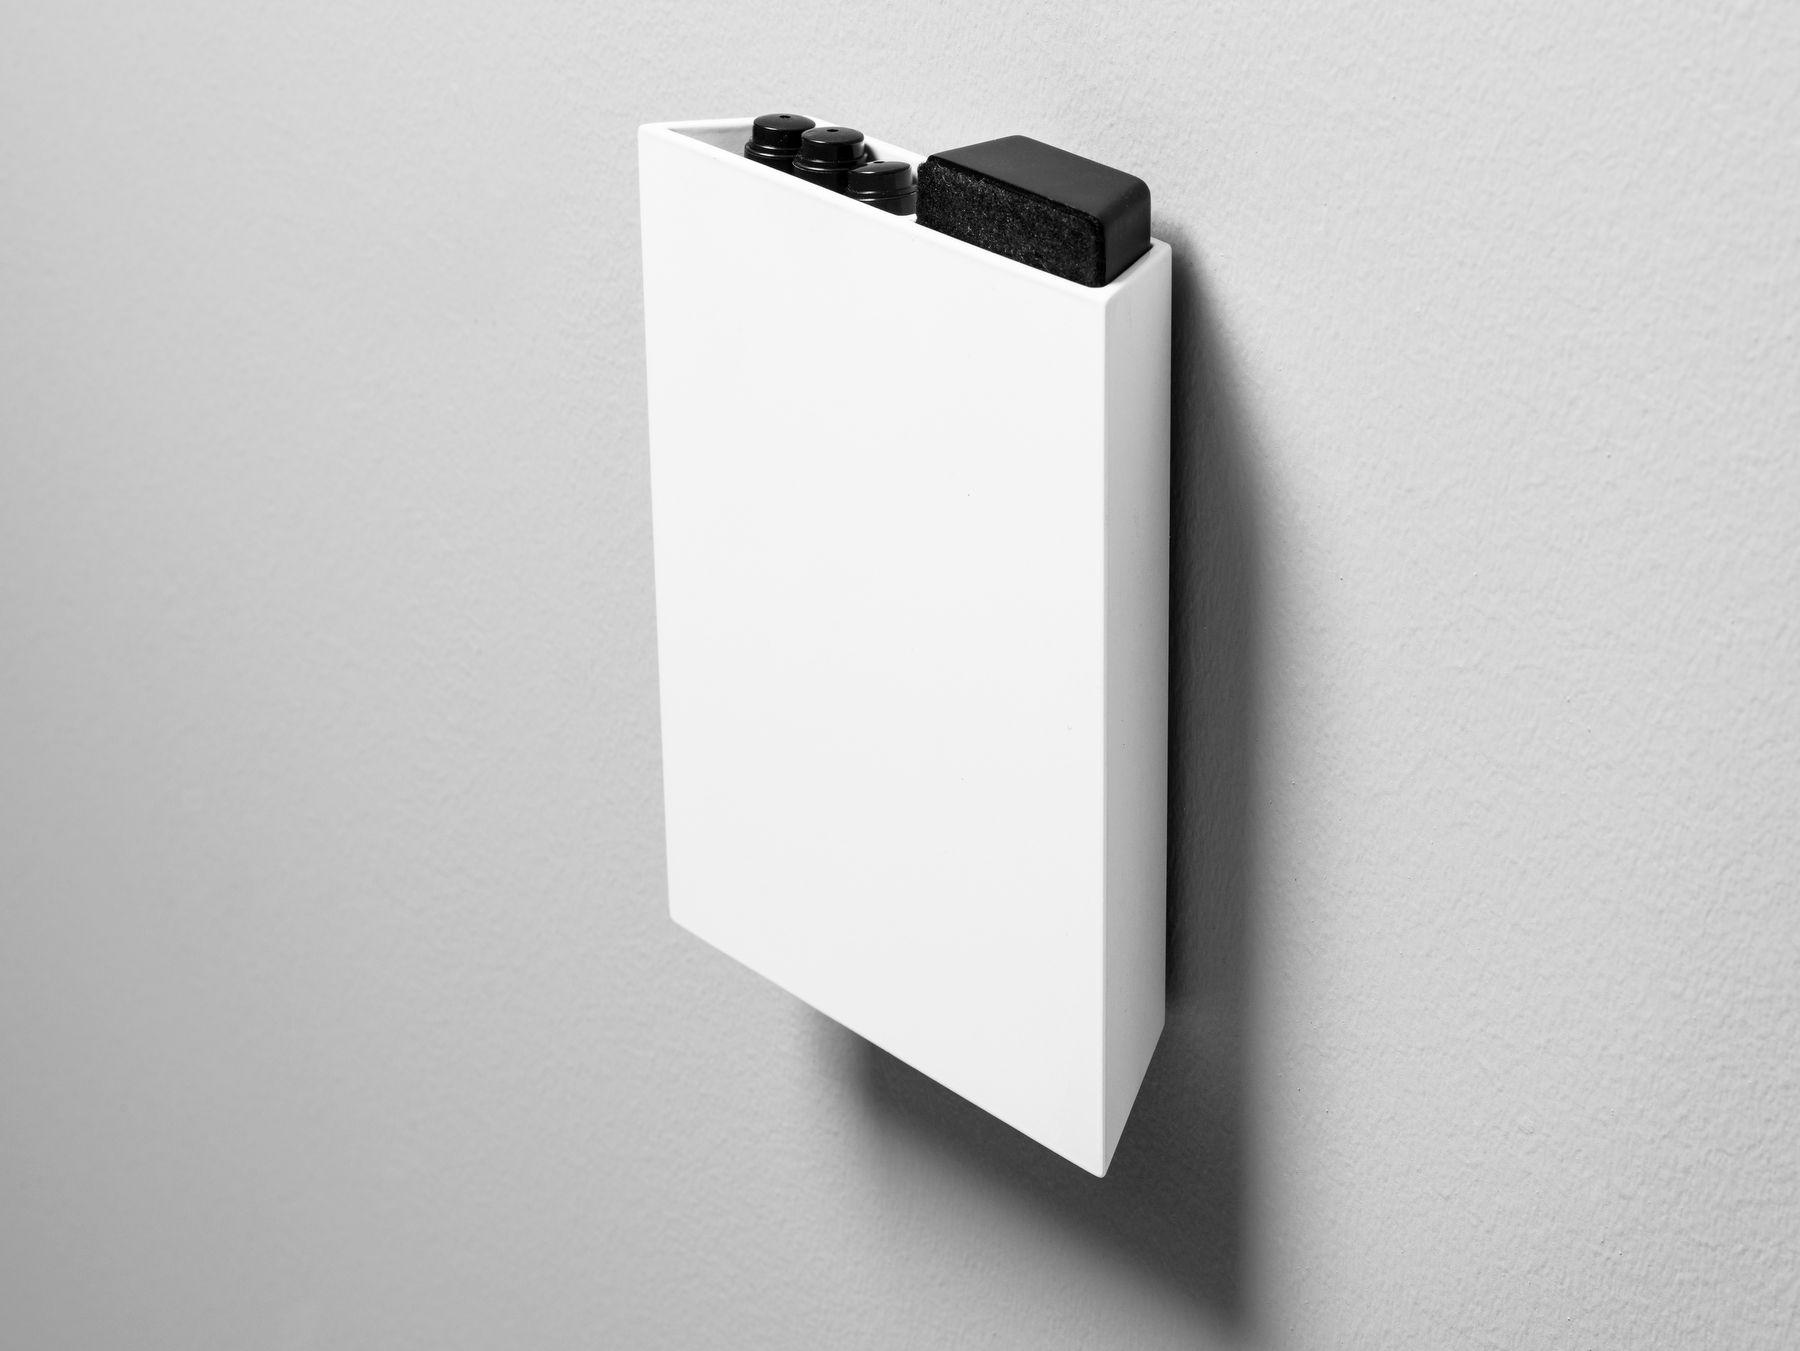 pen holder for magnetic whiteboards air pocket by lintex design  - pen holder for magnetic whiteboards air pocket by lintex design christianhalleröd